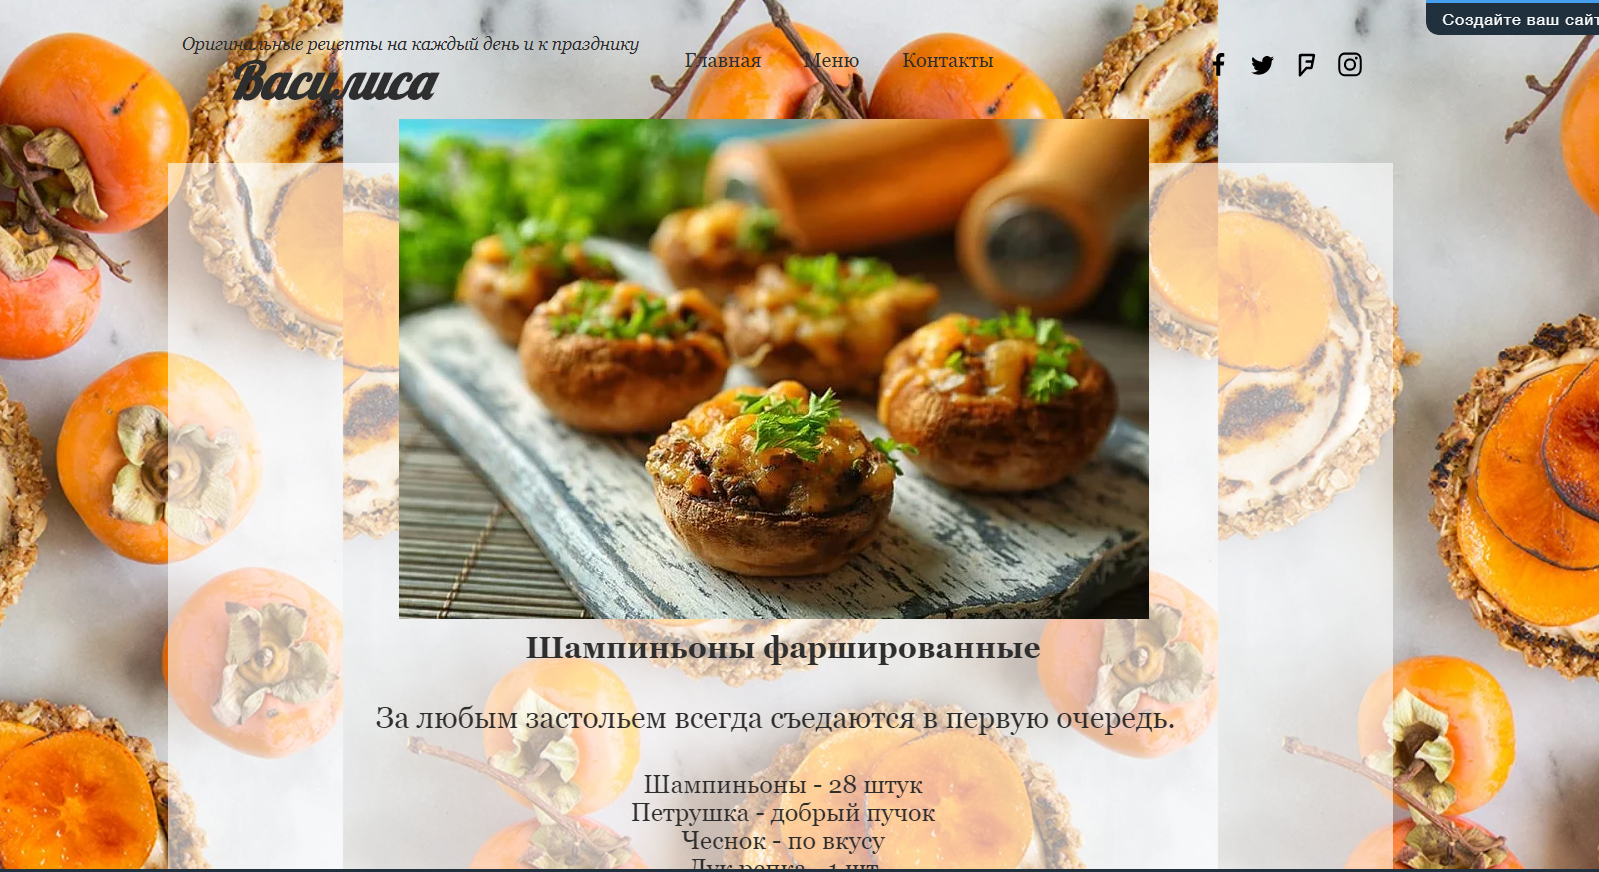 http://se.uploads.ru/6tcHM.png